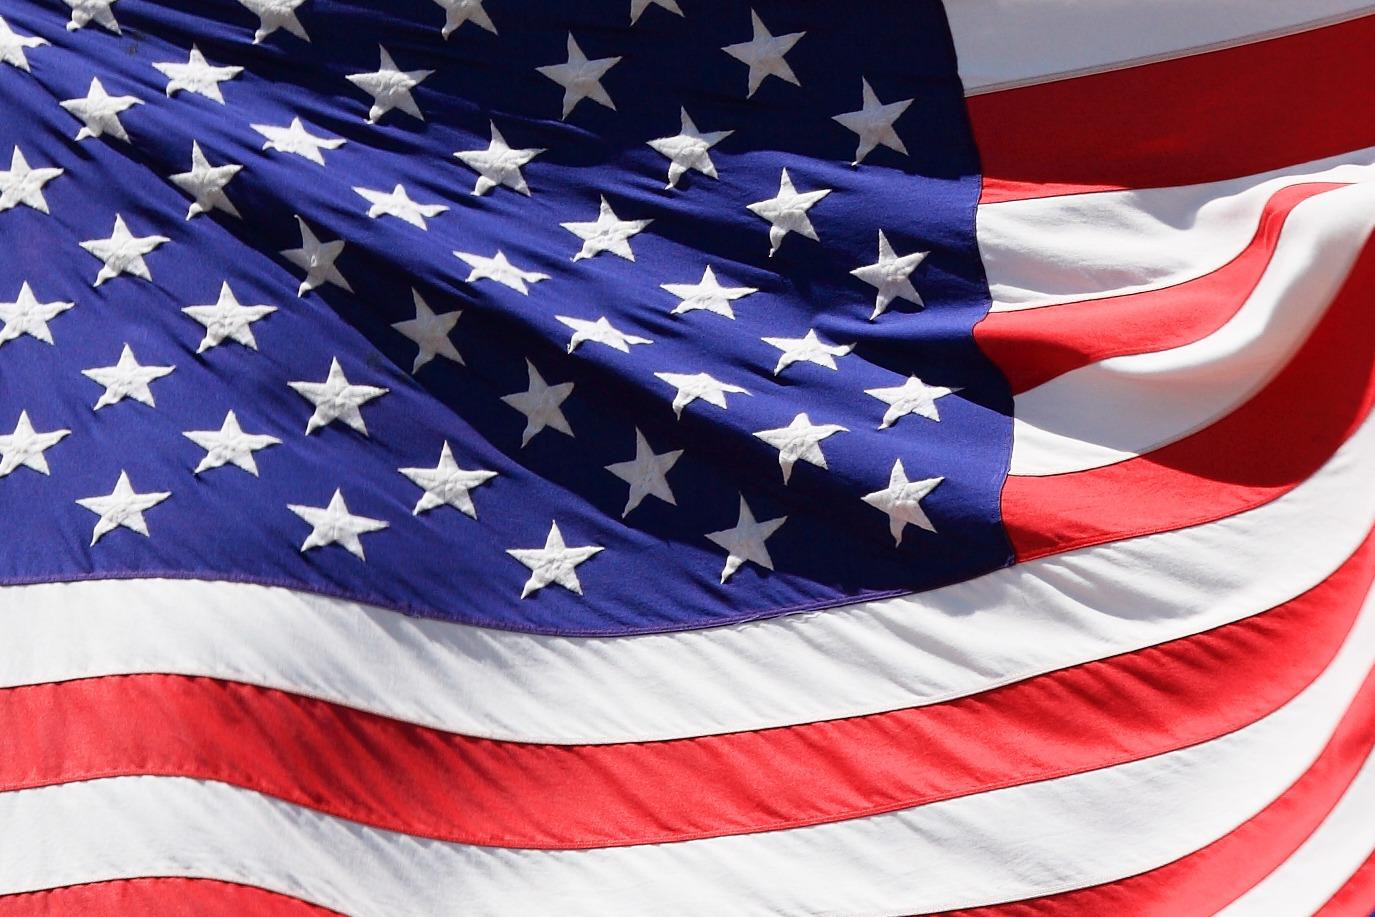 detail_of_american_flag_190419.jpg